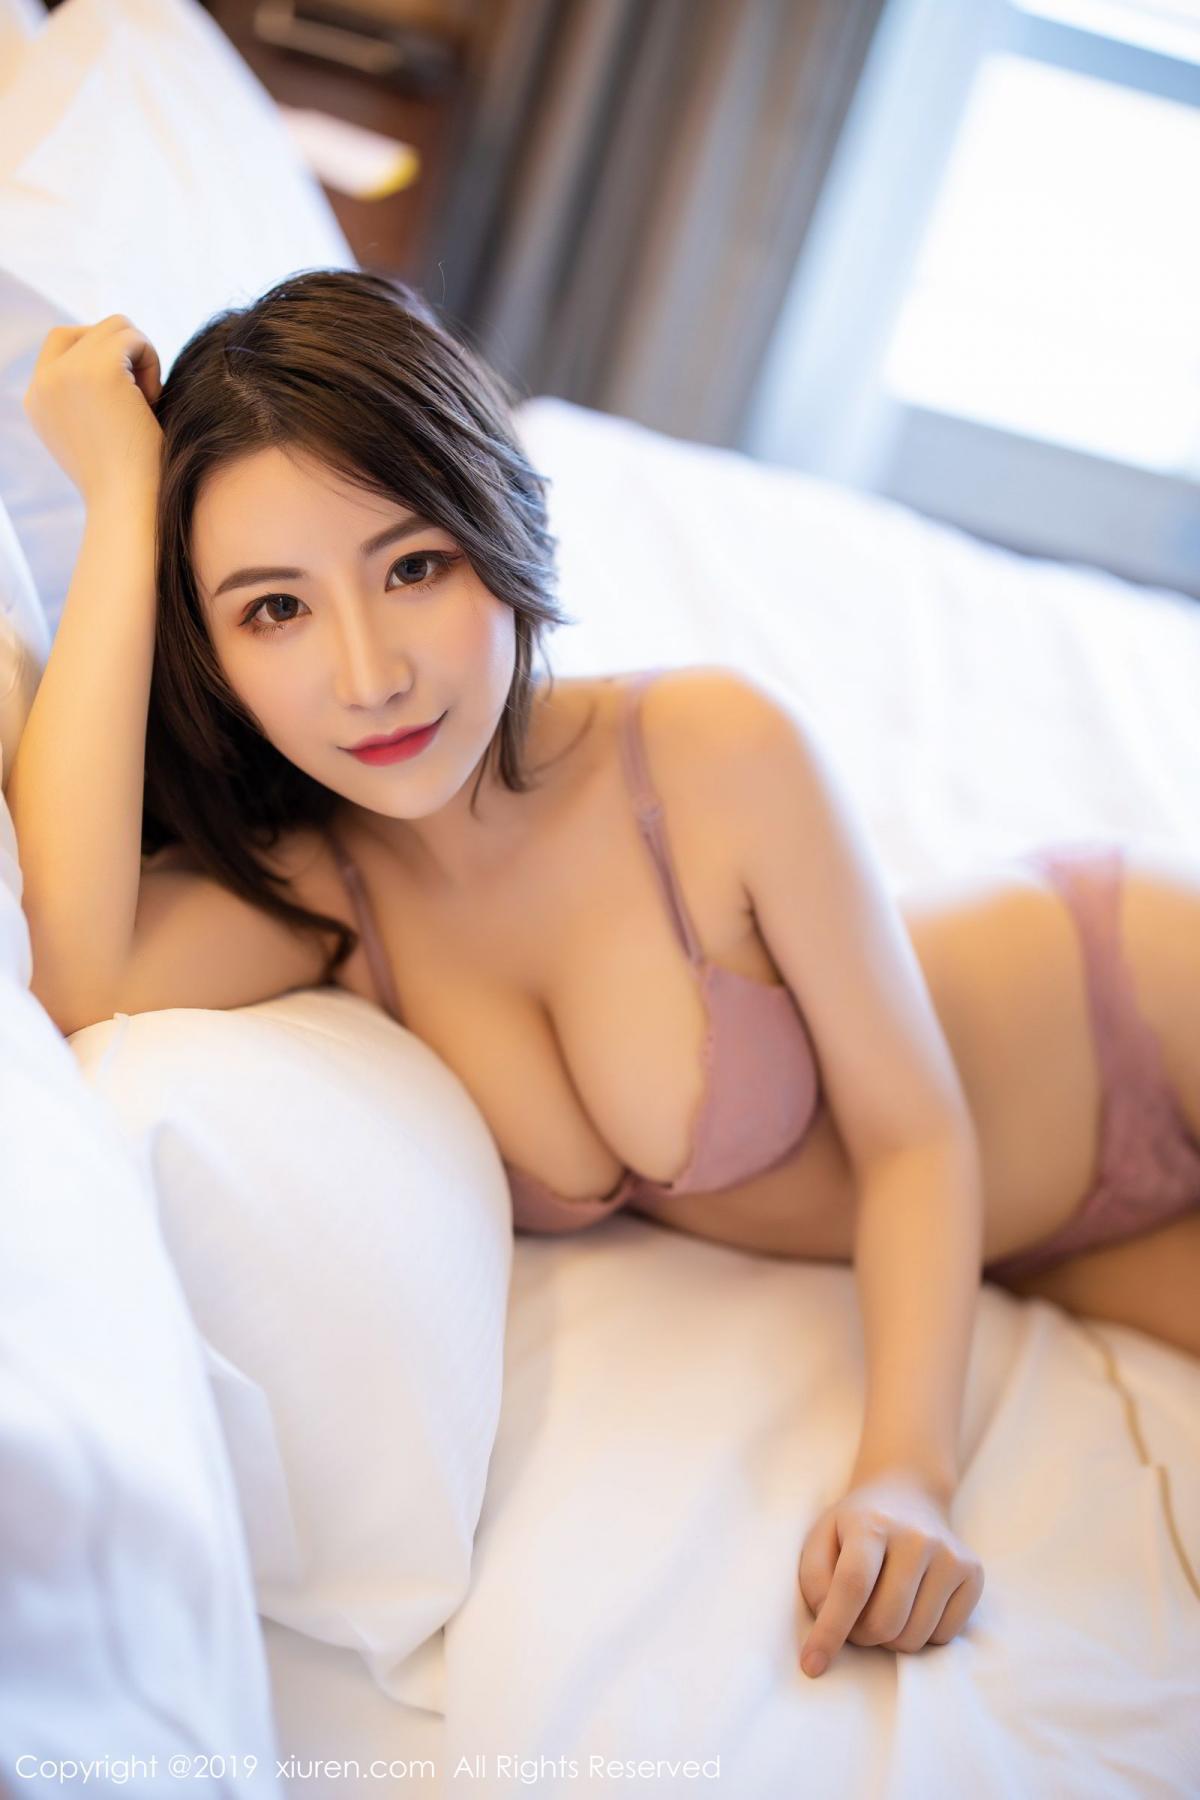 [XiaoYu] Vol.1697 Xie Zhi Xin 76P, Home, Sexy, XiaoYu, Xie Zhi Xin